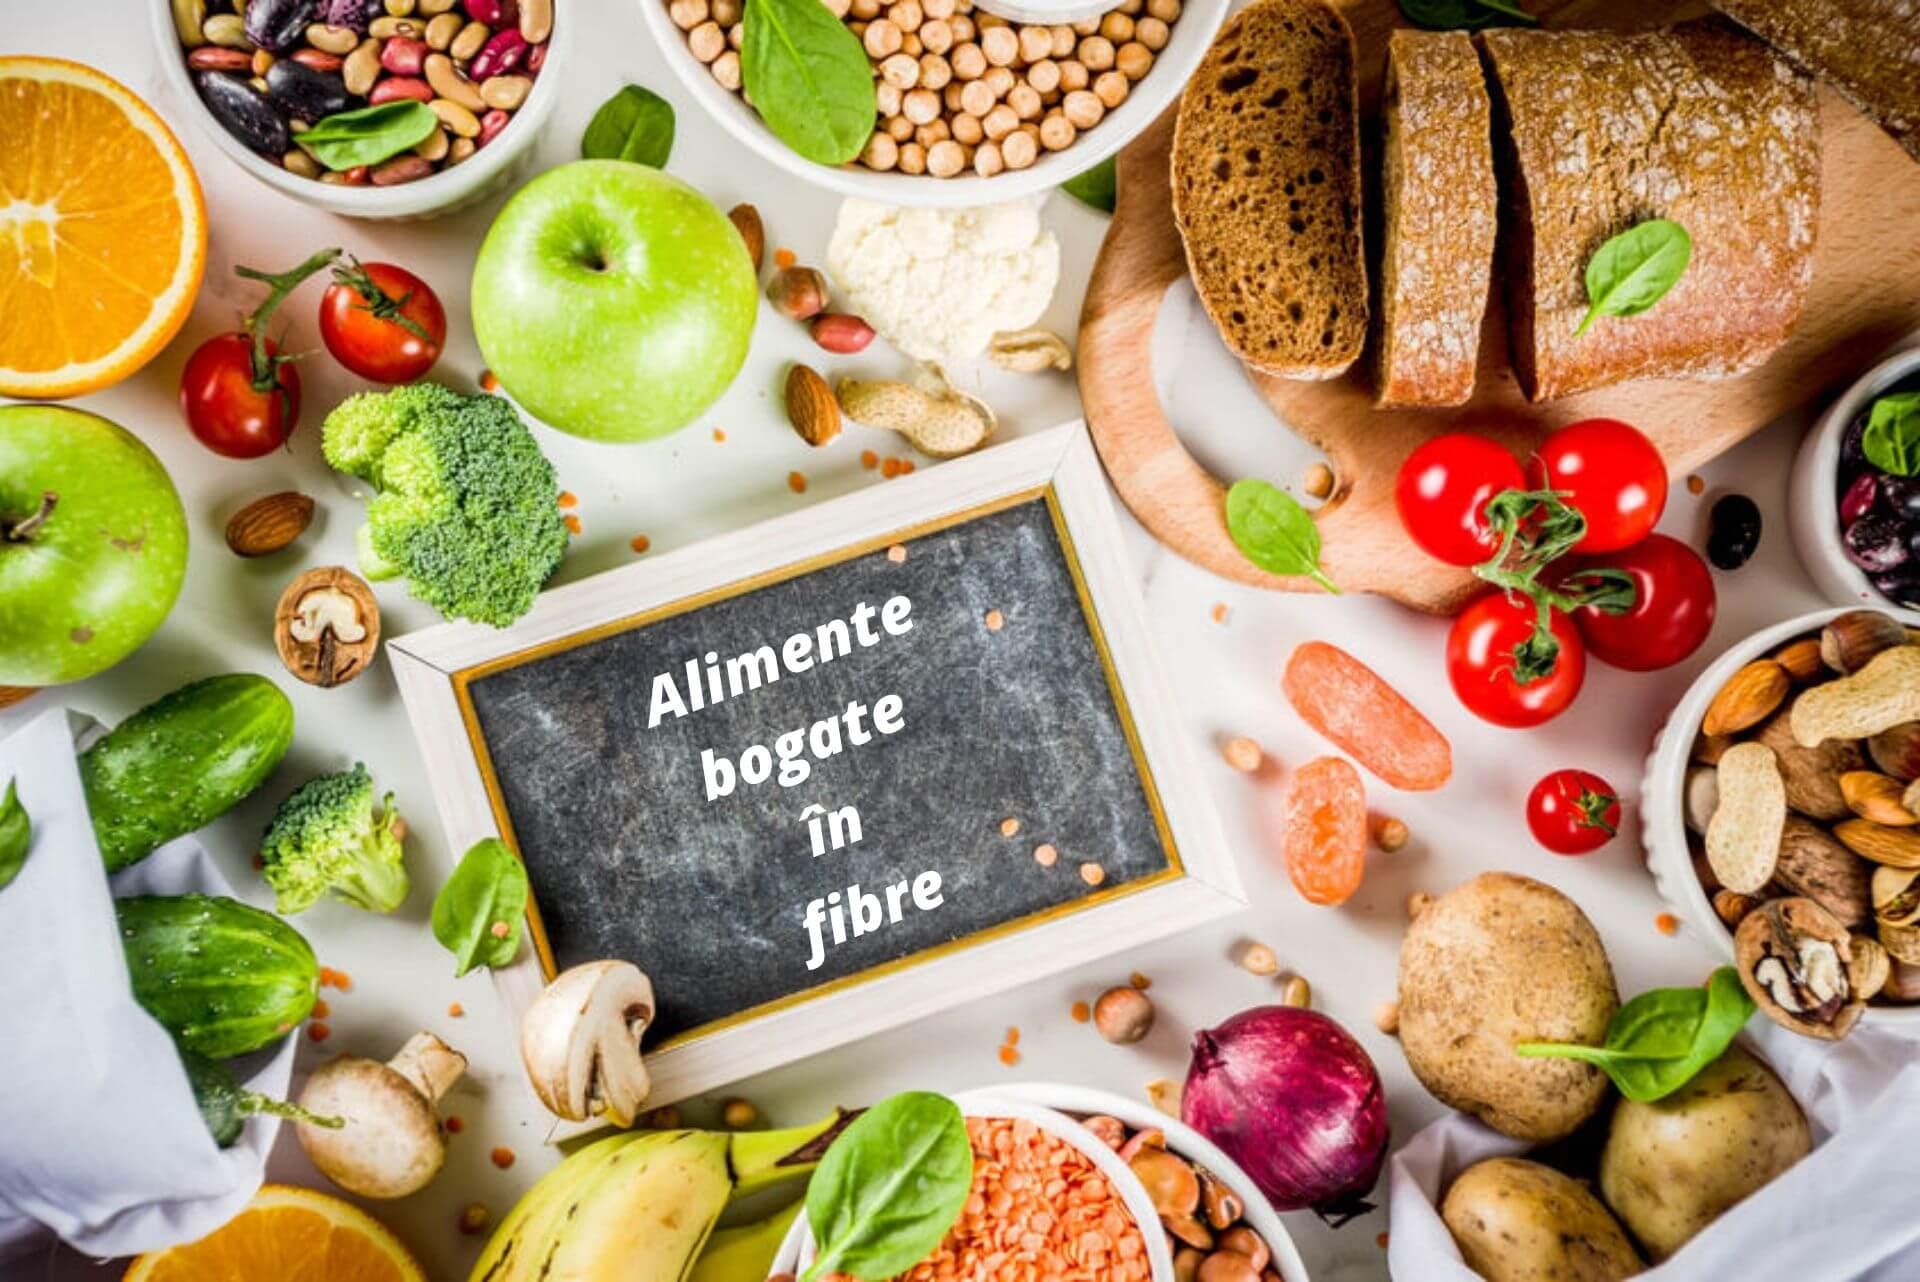 Foto: Cele mai bogate alimente în fibre, esenţiale pentru sănătate şi menținerea greutății